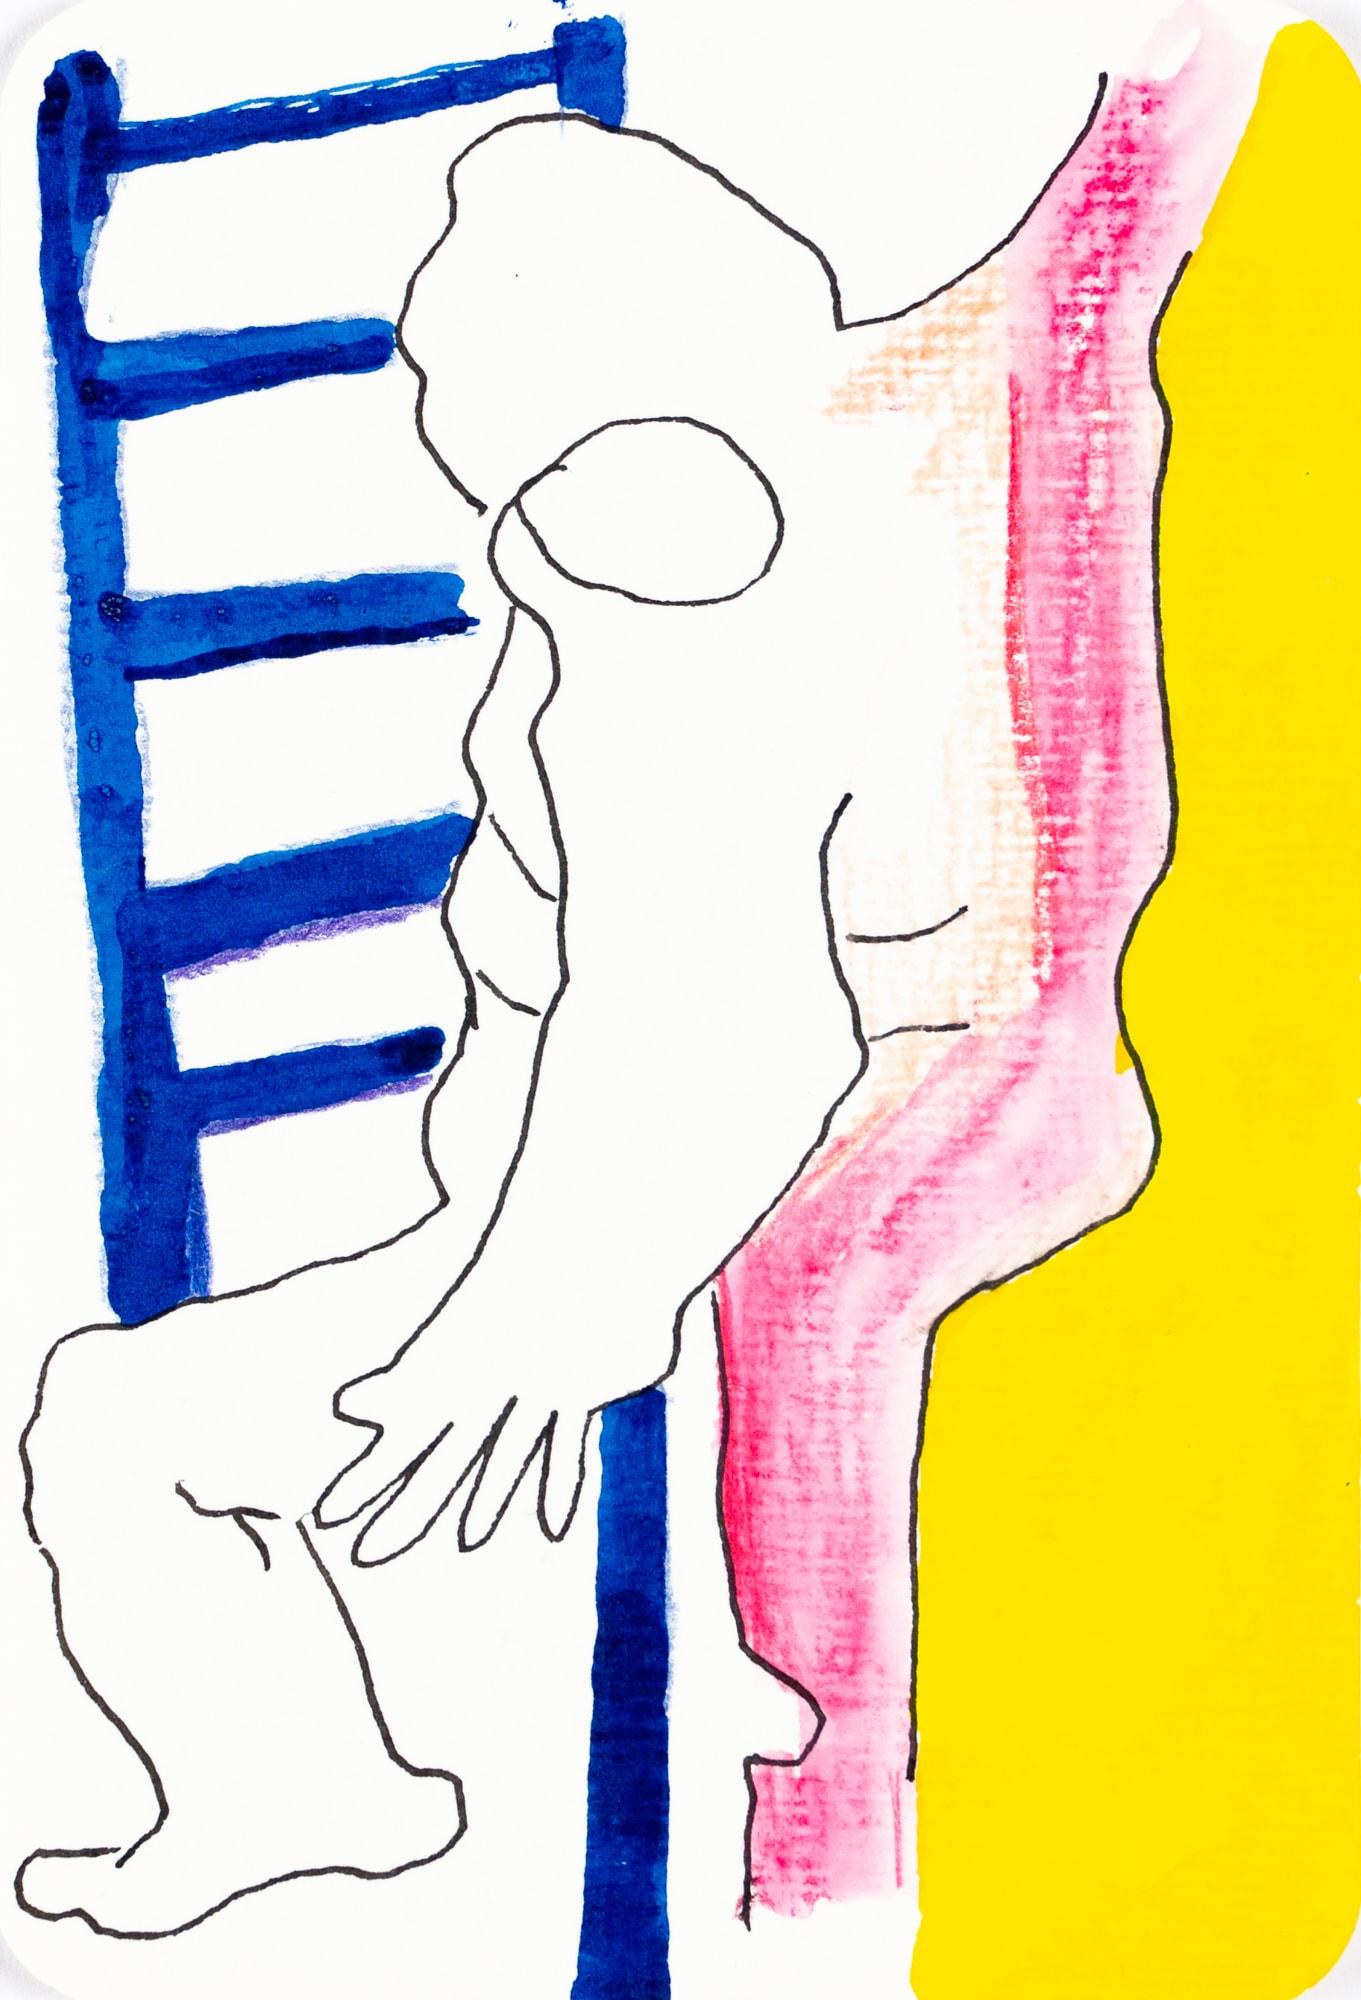 Zeichnung, Farbstift und Tusche auf Papier, 10,4x15,3cm, Akt, Künstlerin: Franziska King